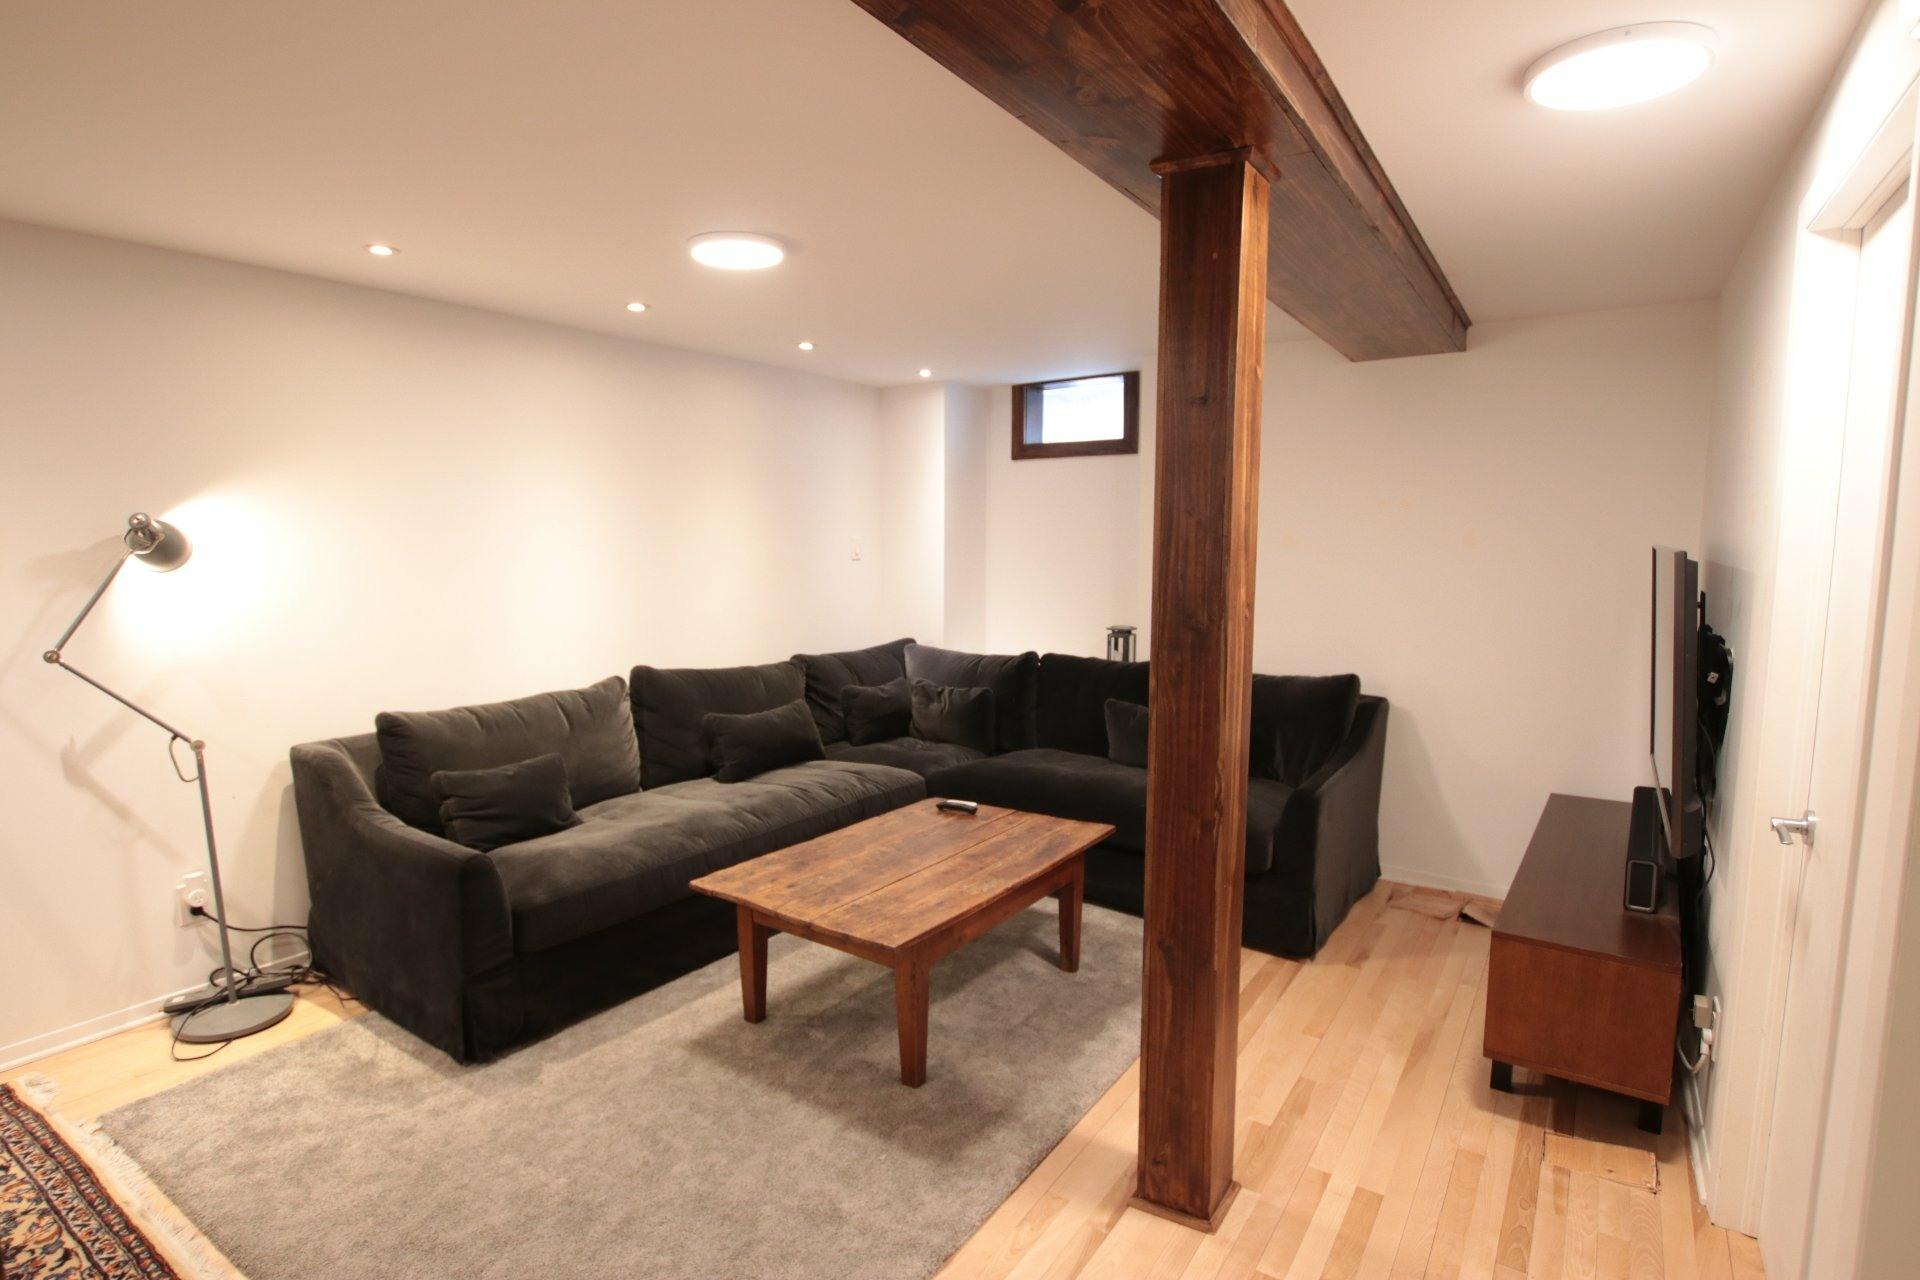 image 17 - Appartement À louer Côte-des-Neiges/Notre-Dame-de-Grâce Montréal  - 7 pièces